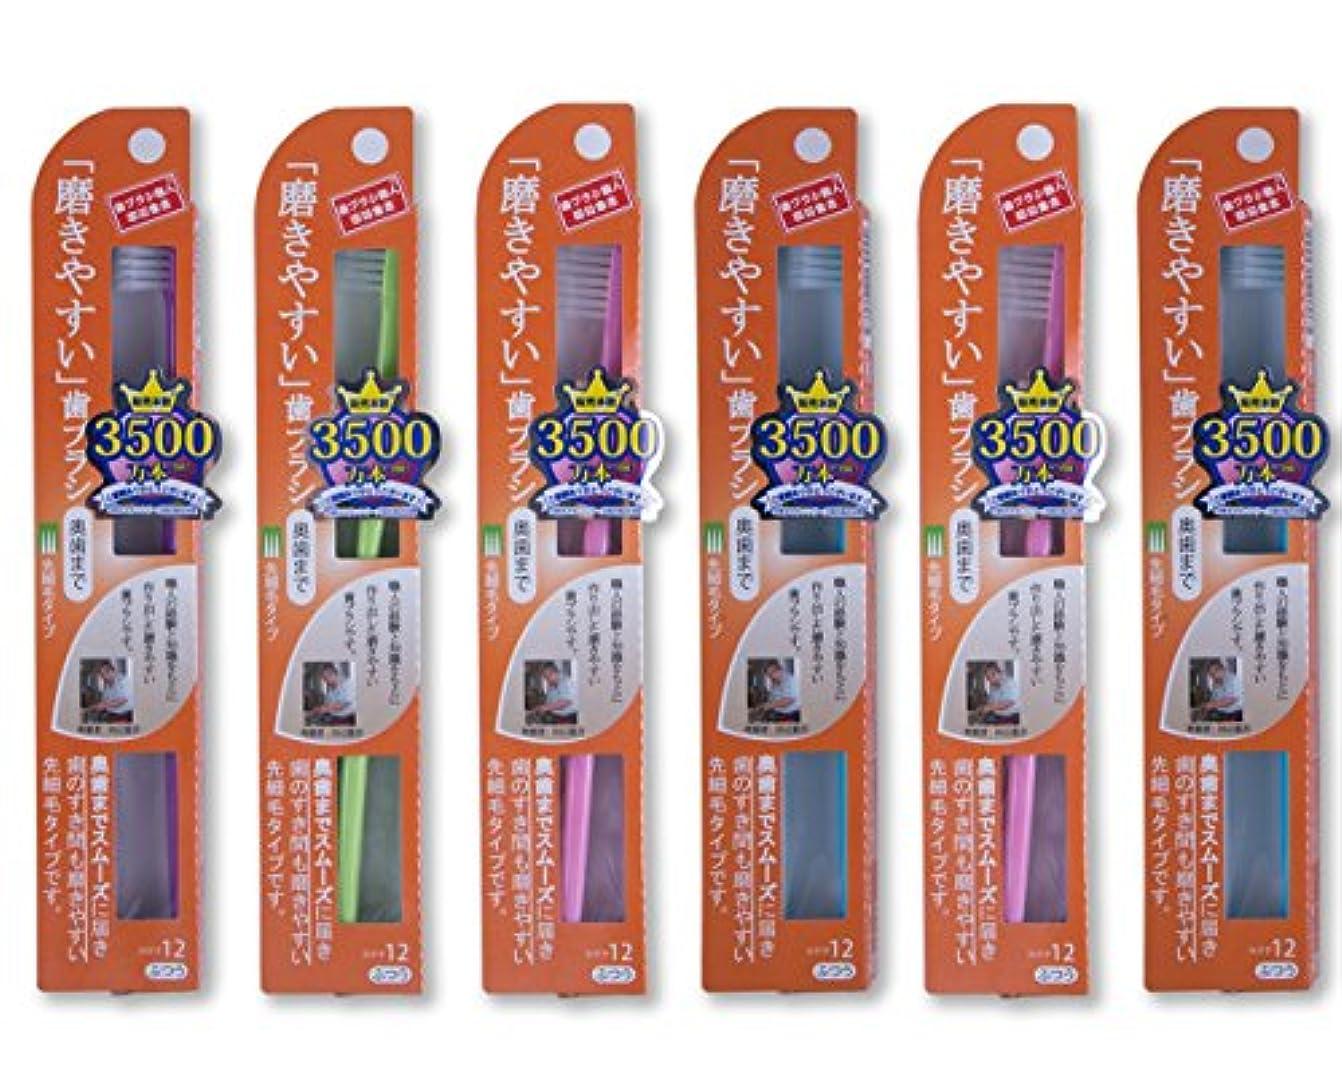 時制リマ講堂歯ブラシ職人 Artooth® 田辺重吉  日本製 磨きやすい歯ブラシ(奥歯まで)先細 LT-12 (6本入)